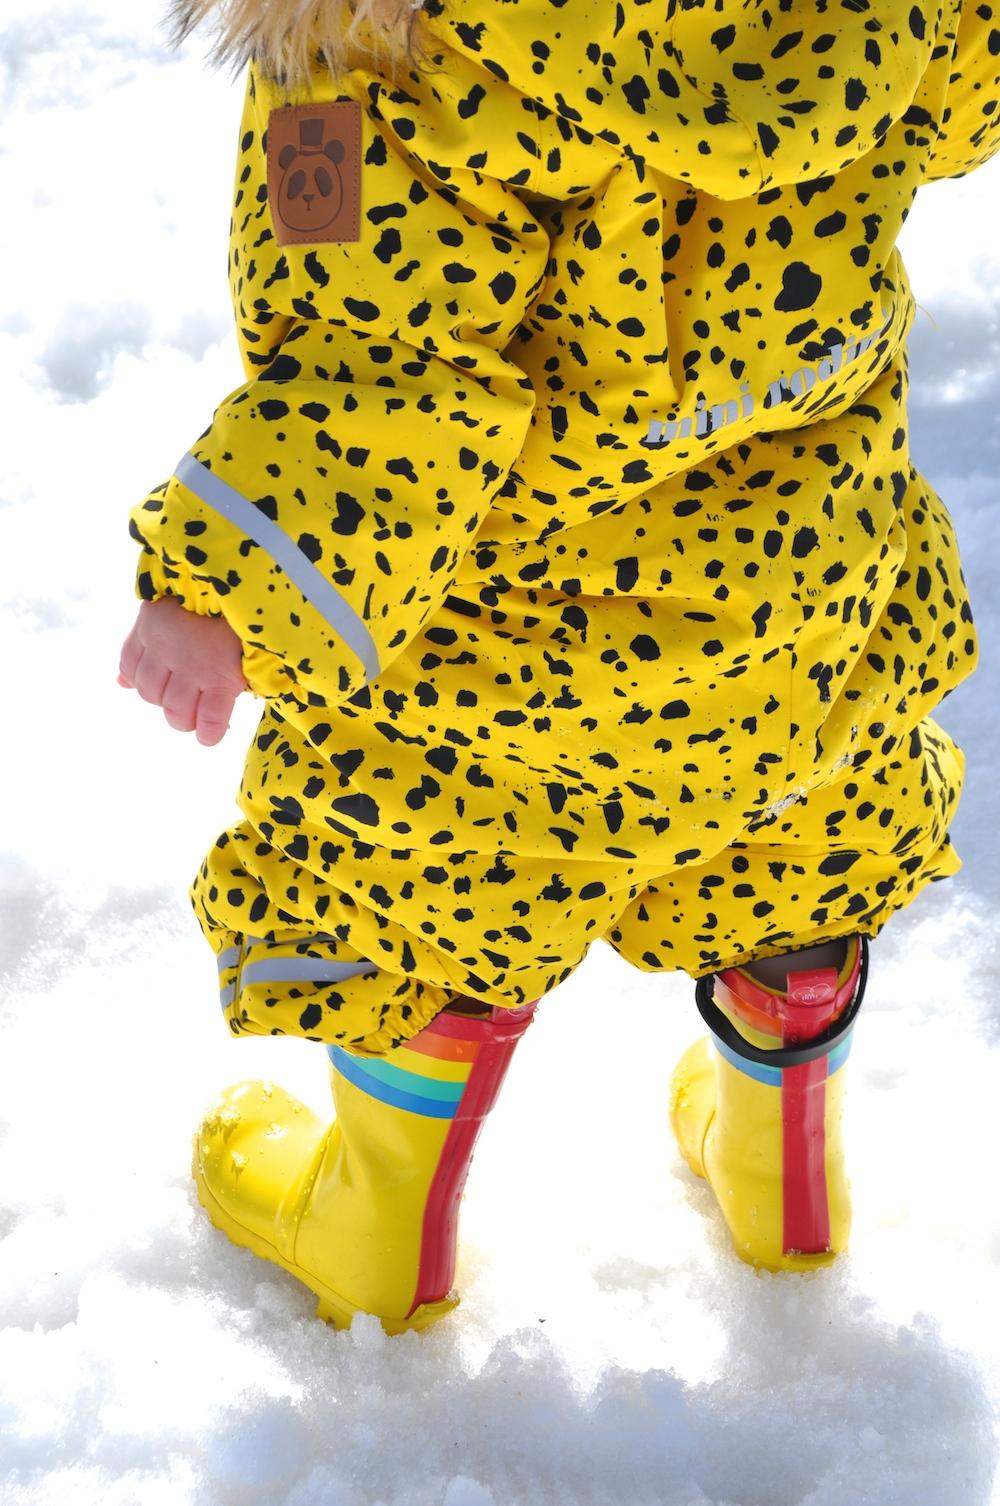 Mini_rodini_little_bird_mothercare_wellies_snow